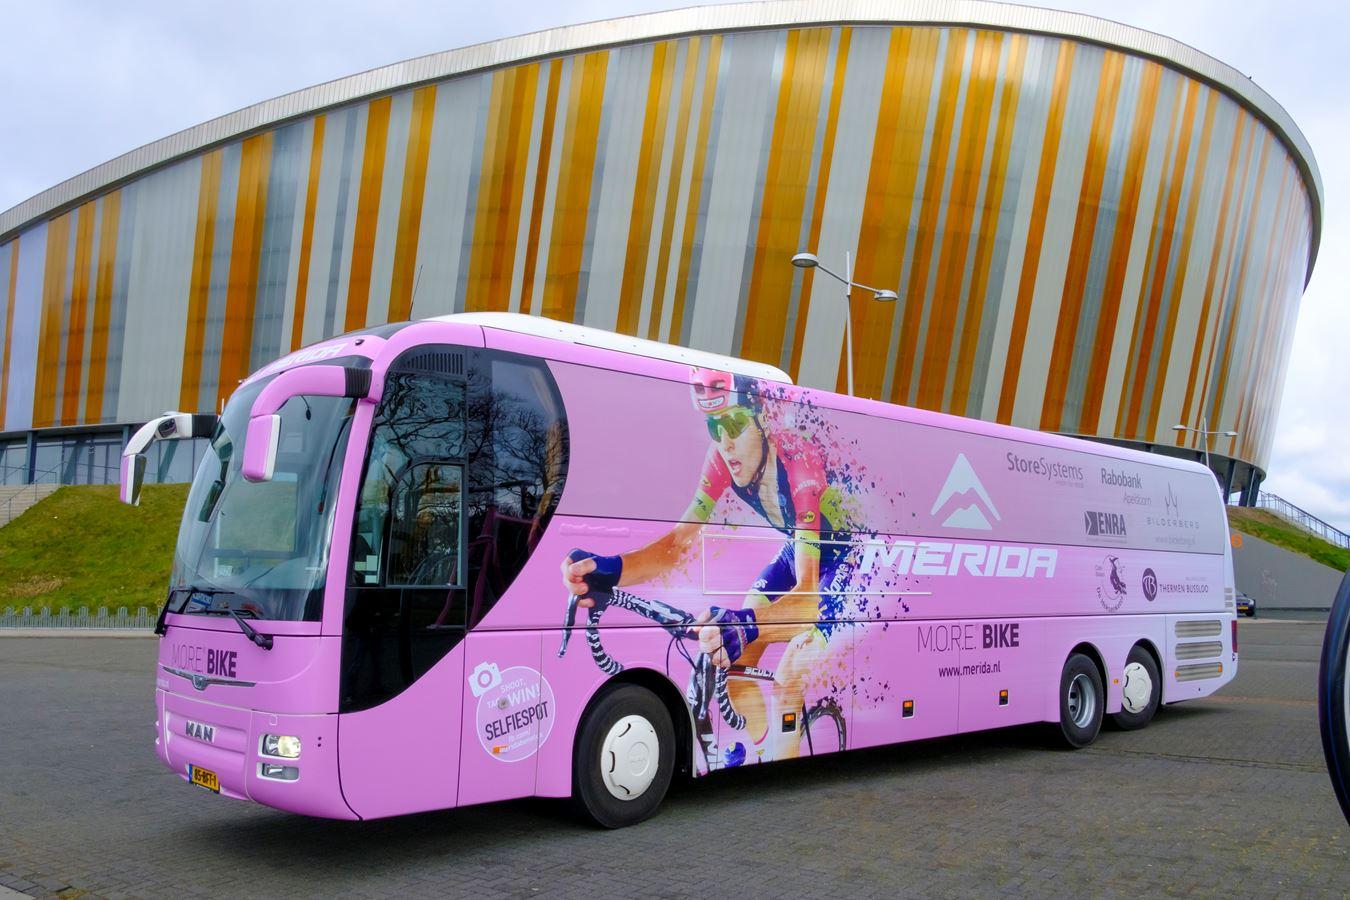 tour-bus-merida-bikes-window-wrap